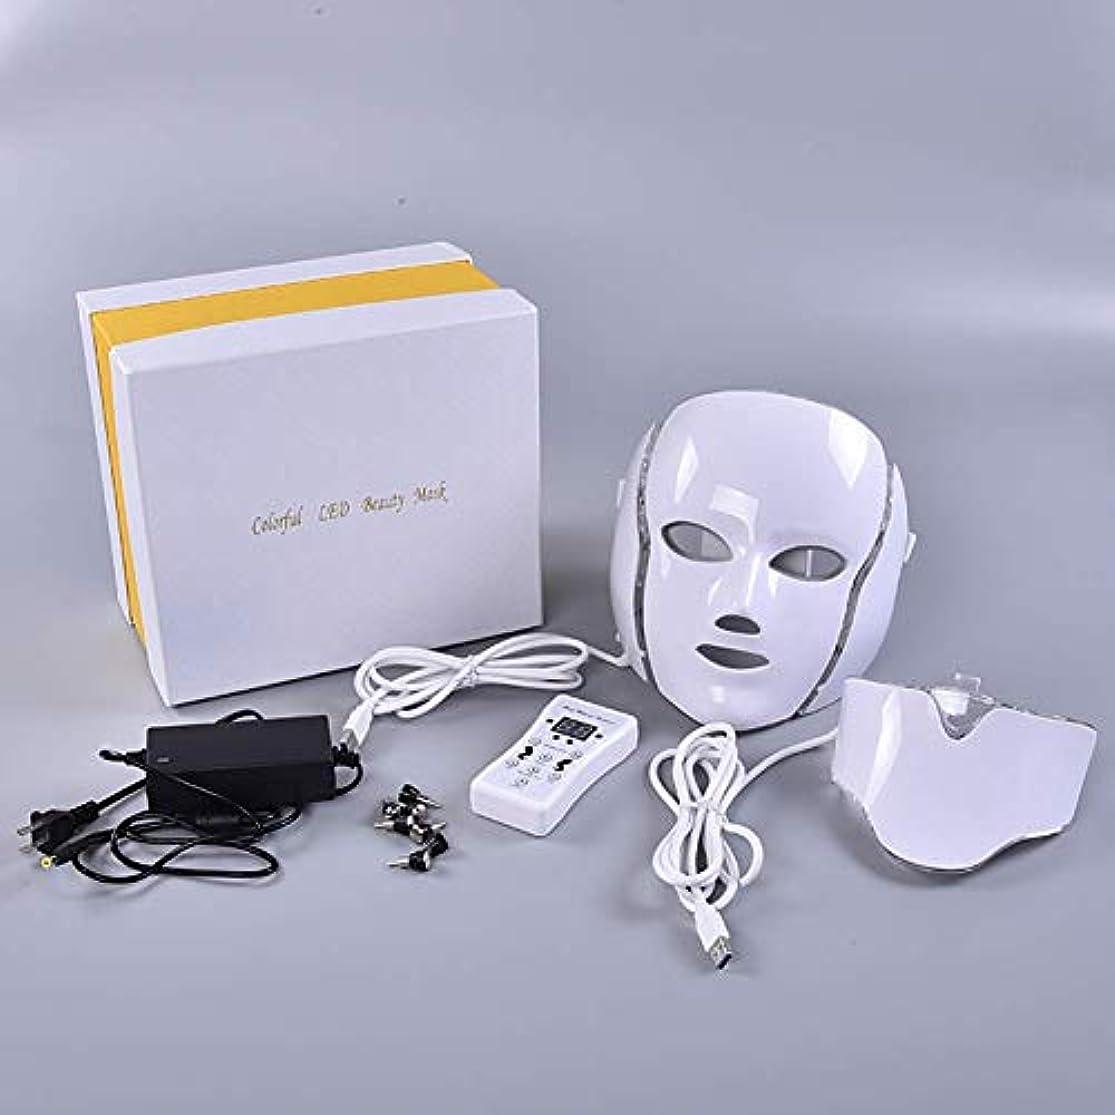 神帝国輪郭Led肌光線療法器具、7色ledライト光子ネオン白熱フェイシャルライト肌の若返りledフェイスマスクケア治療美容